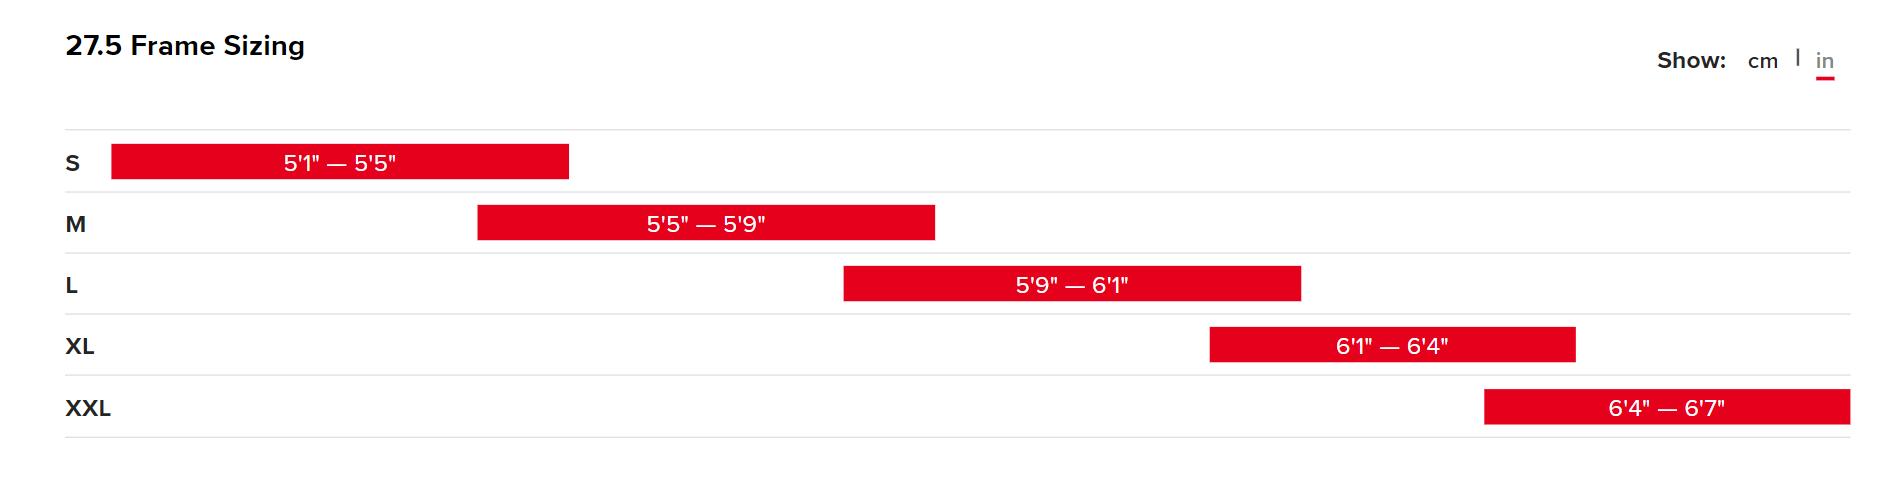 The Santa Cruz Heckler Bike Size Chart in Inches (In)